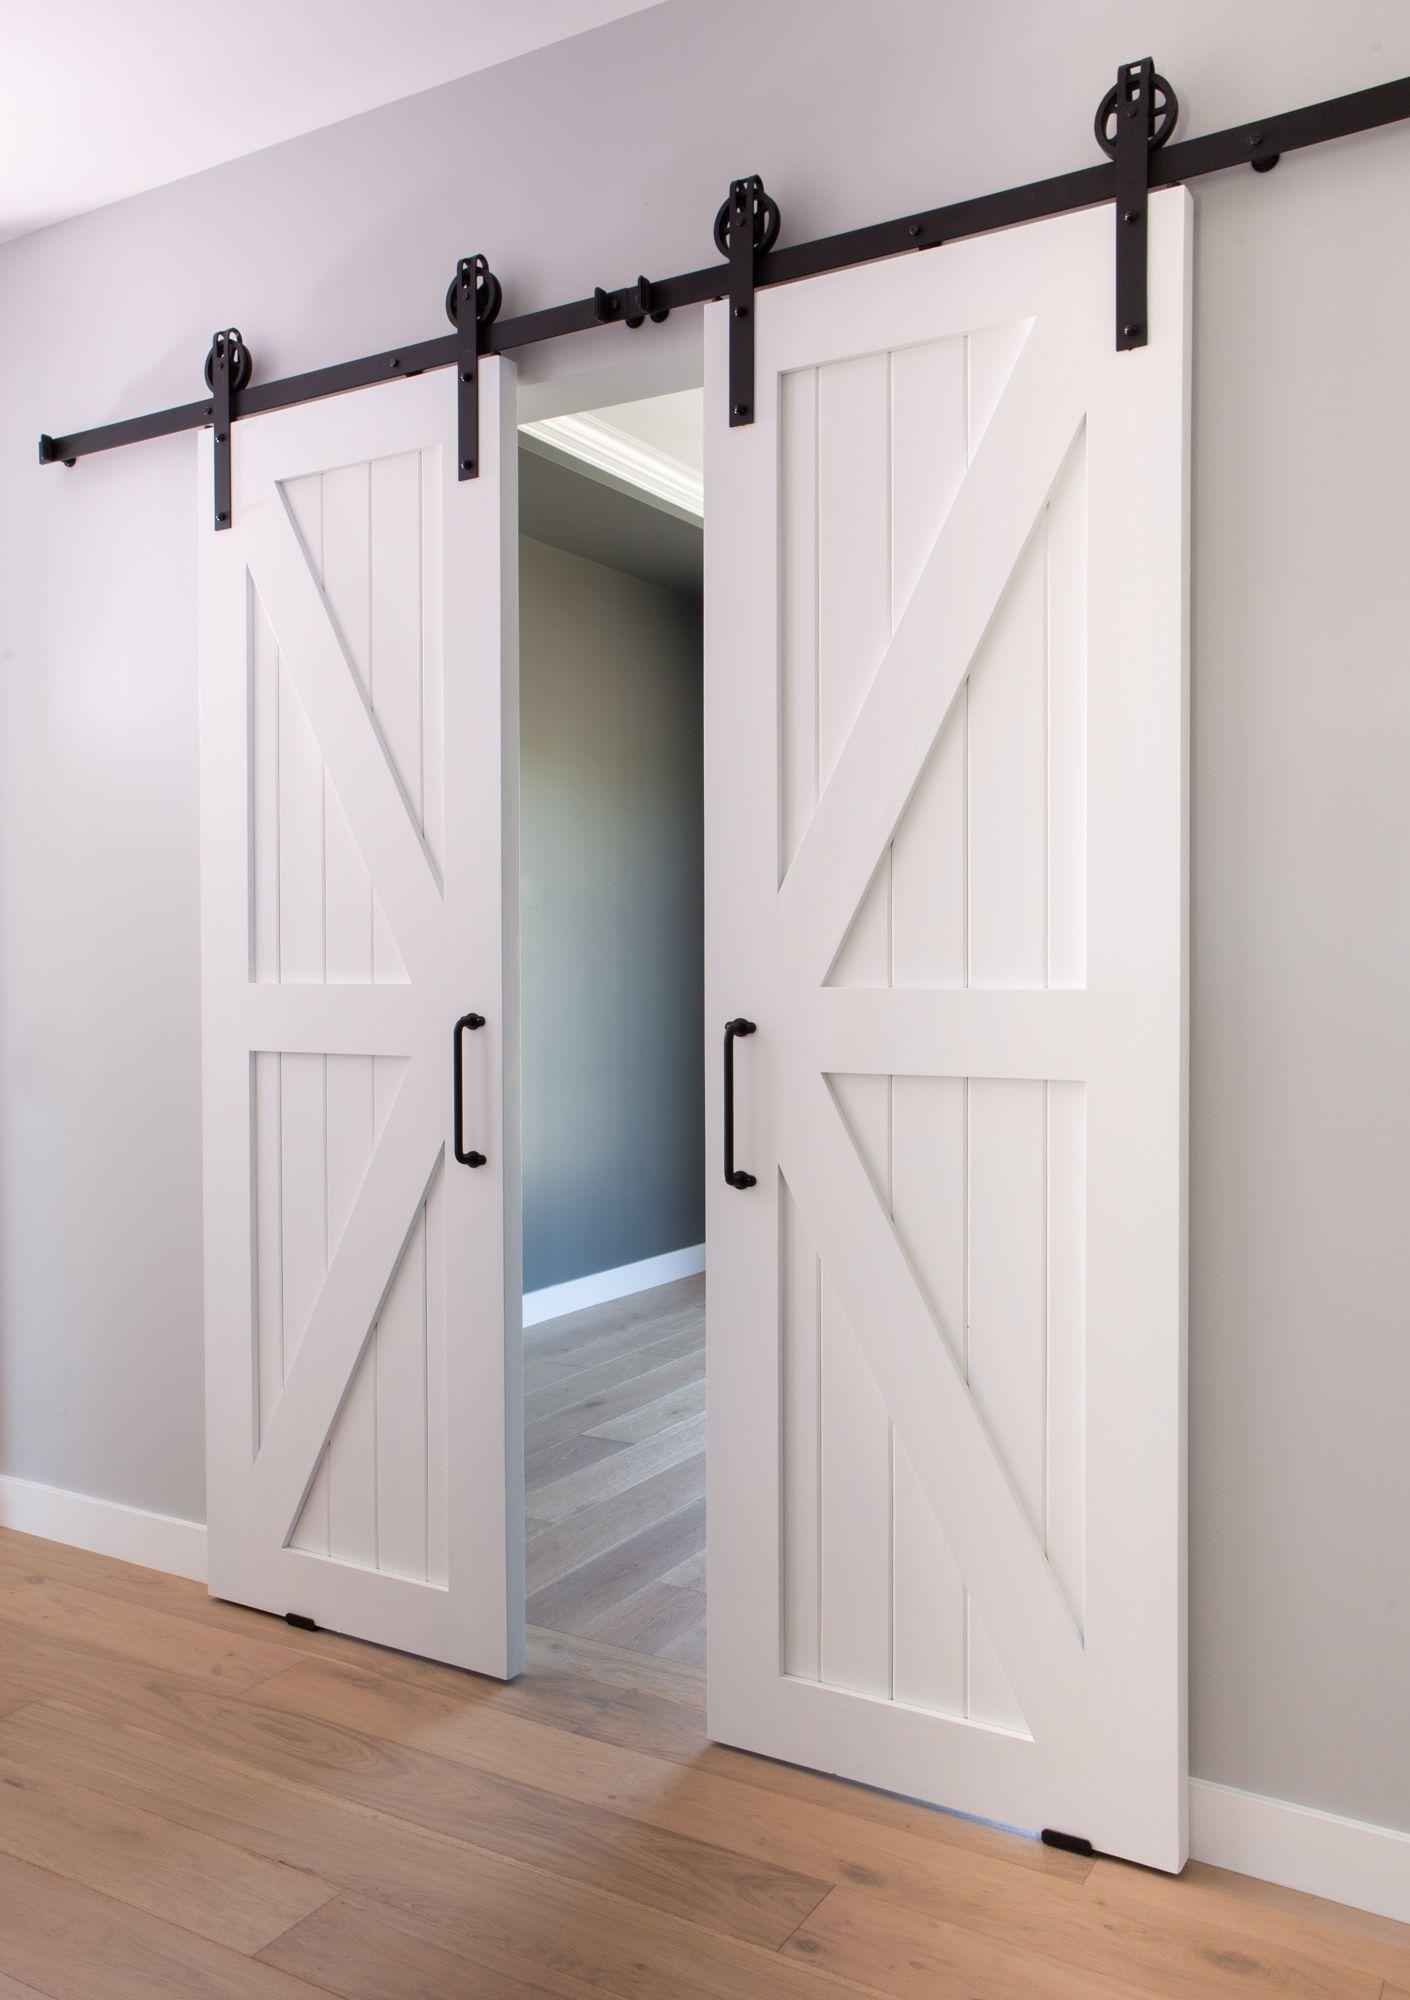 Custom Designed And Built Barn Sliding Doors.